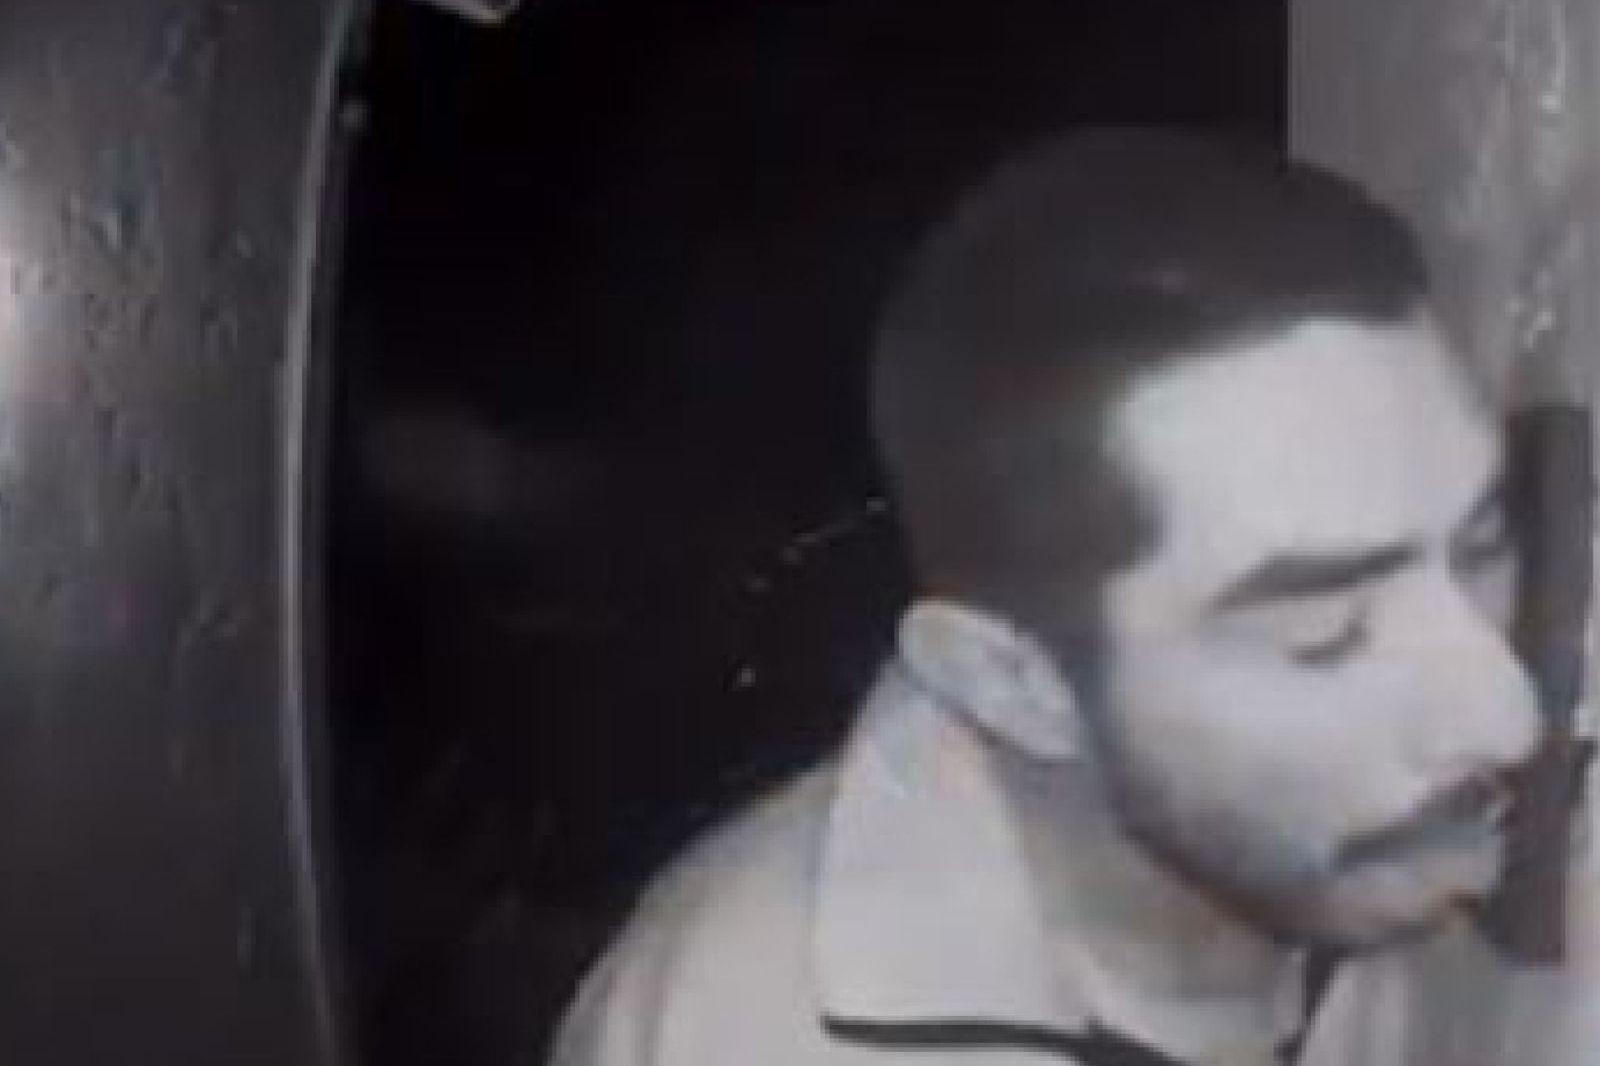 Polícia procura homem que lambeu campainha durante três horas